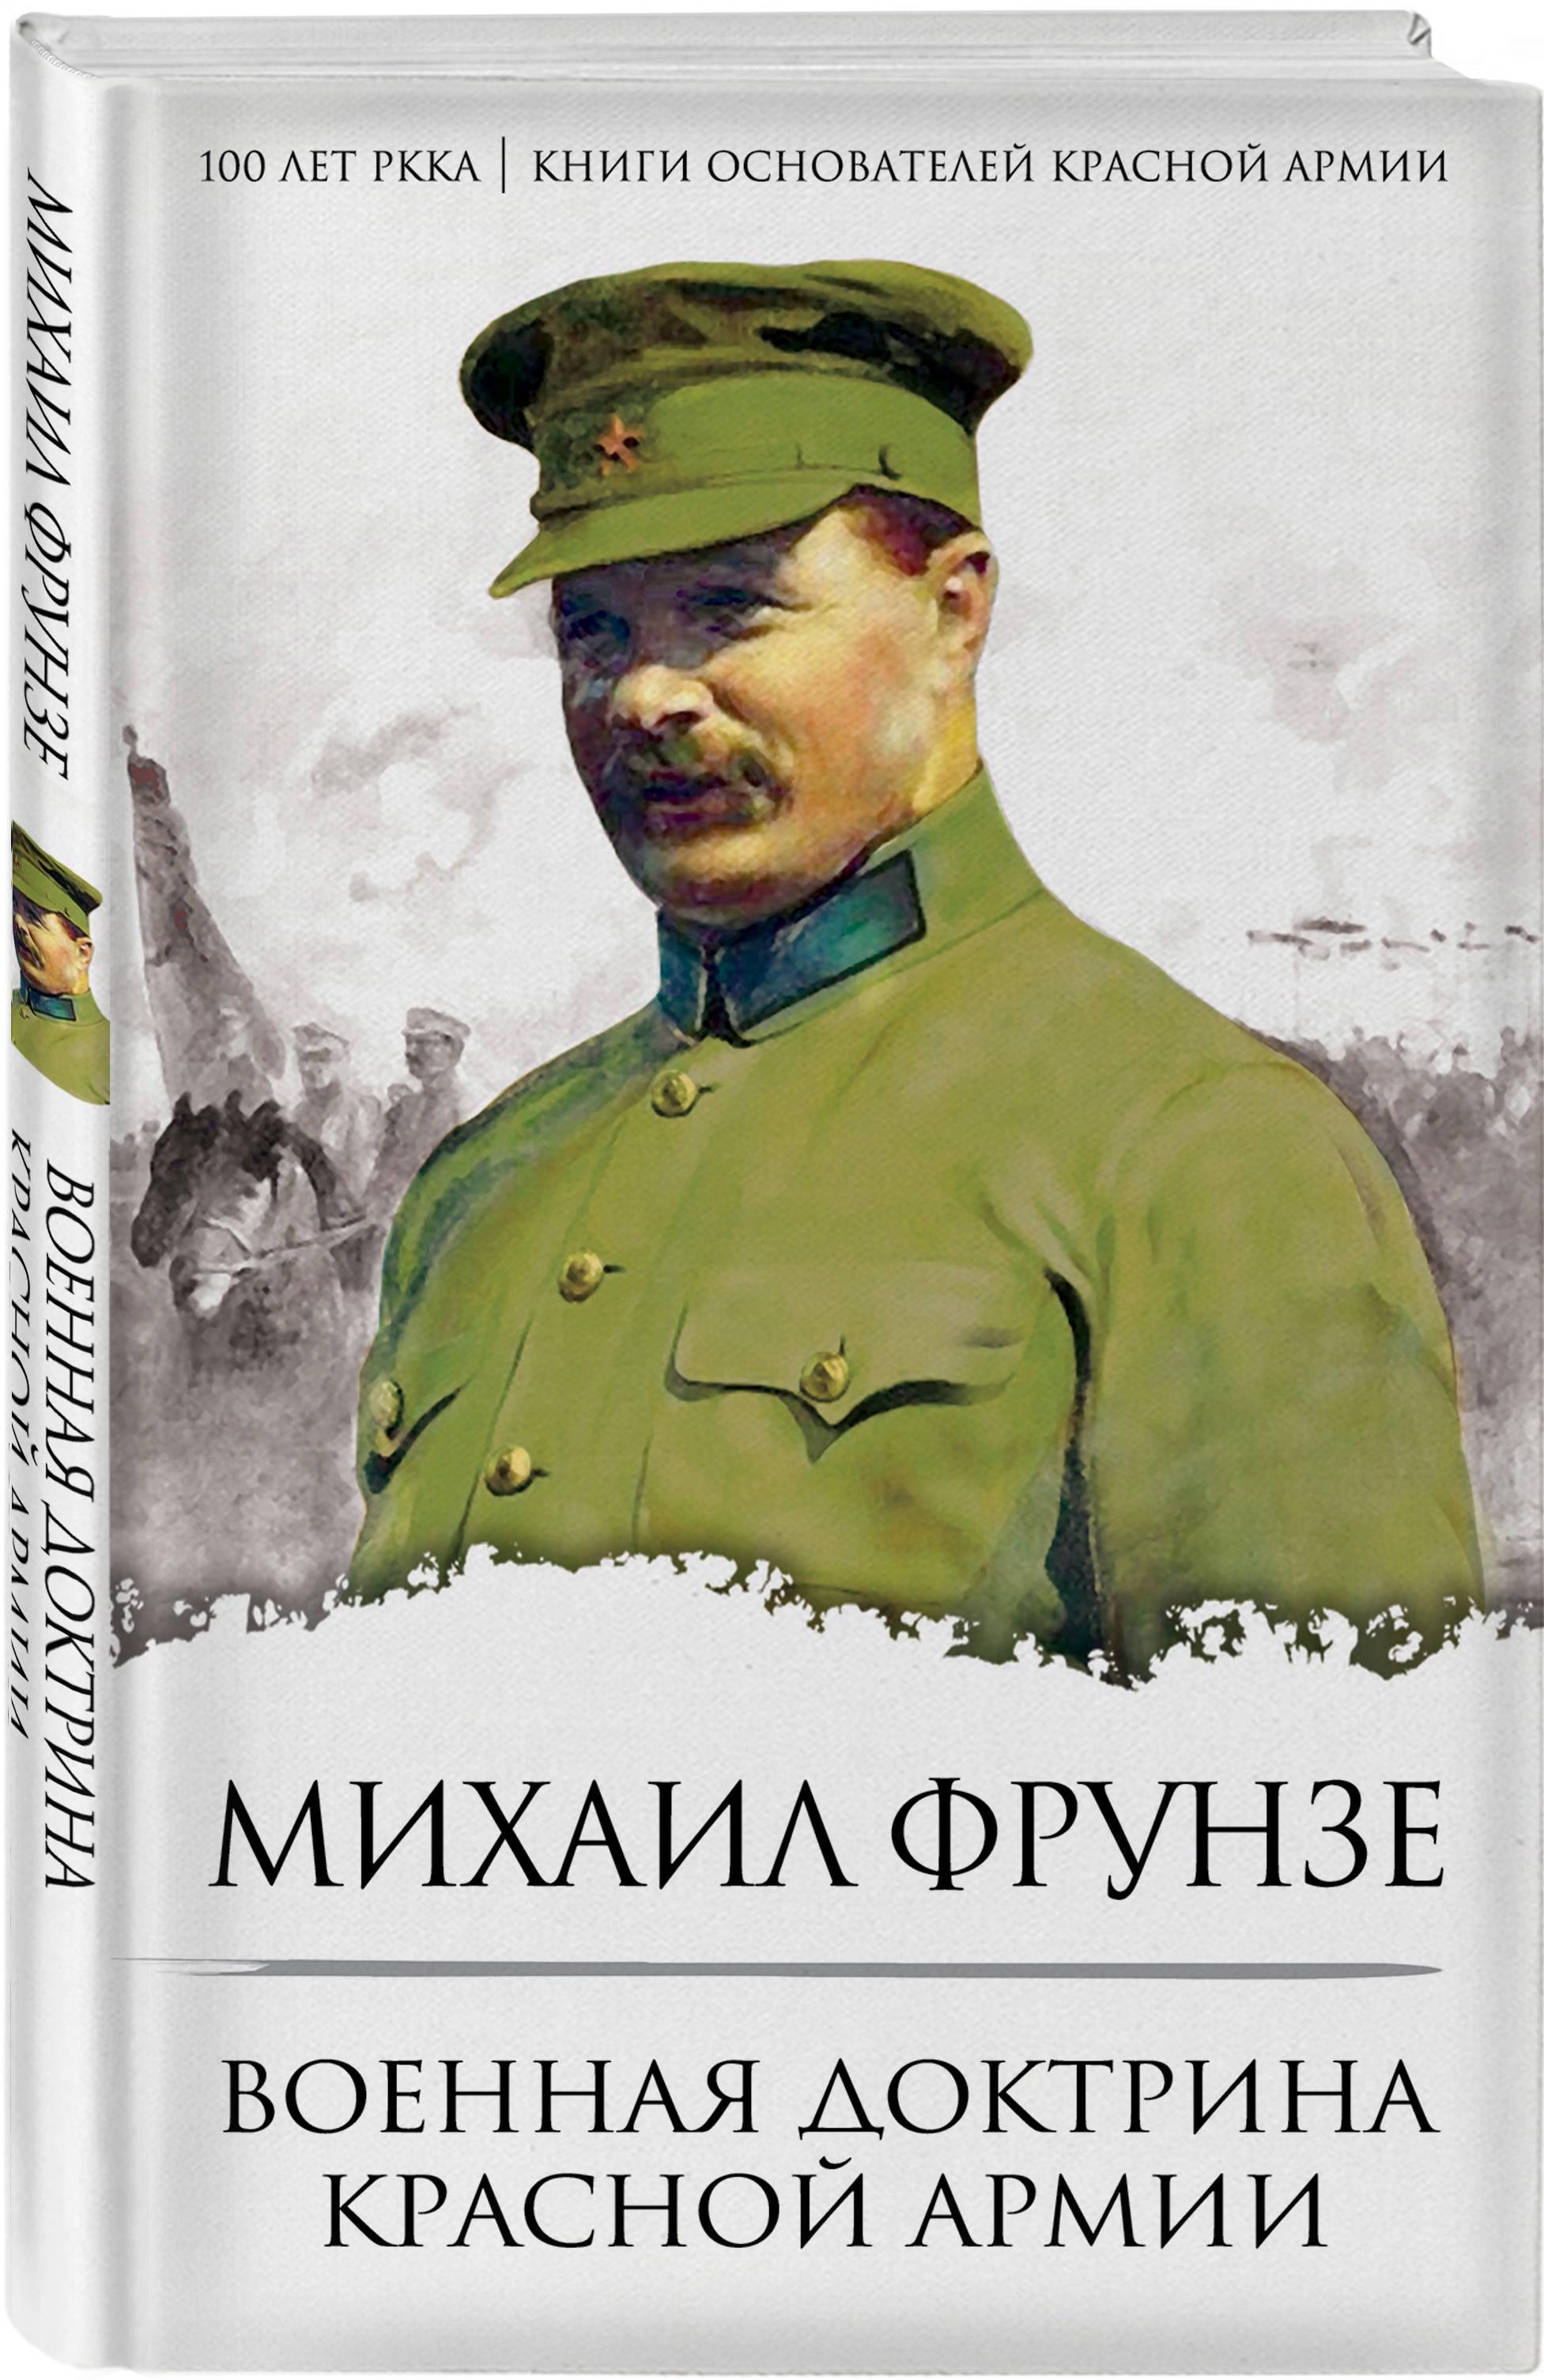 Фрунзе М.В. Военная доктрина Красной Армии ISBN: 978-5-907024-21-2